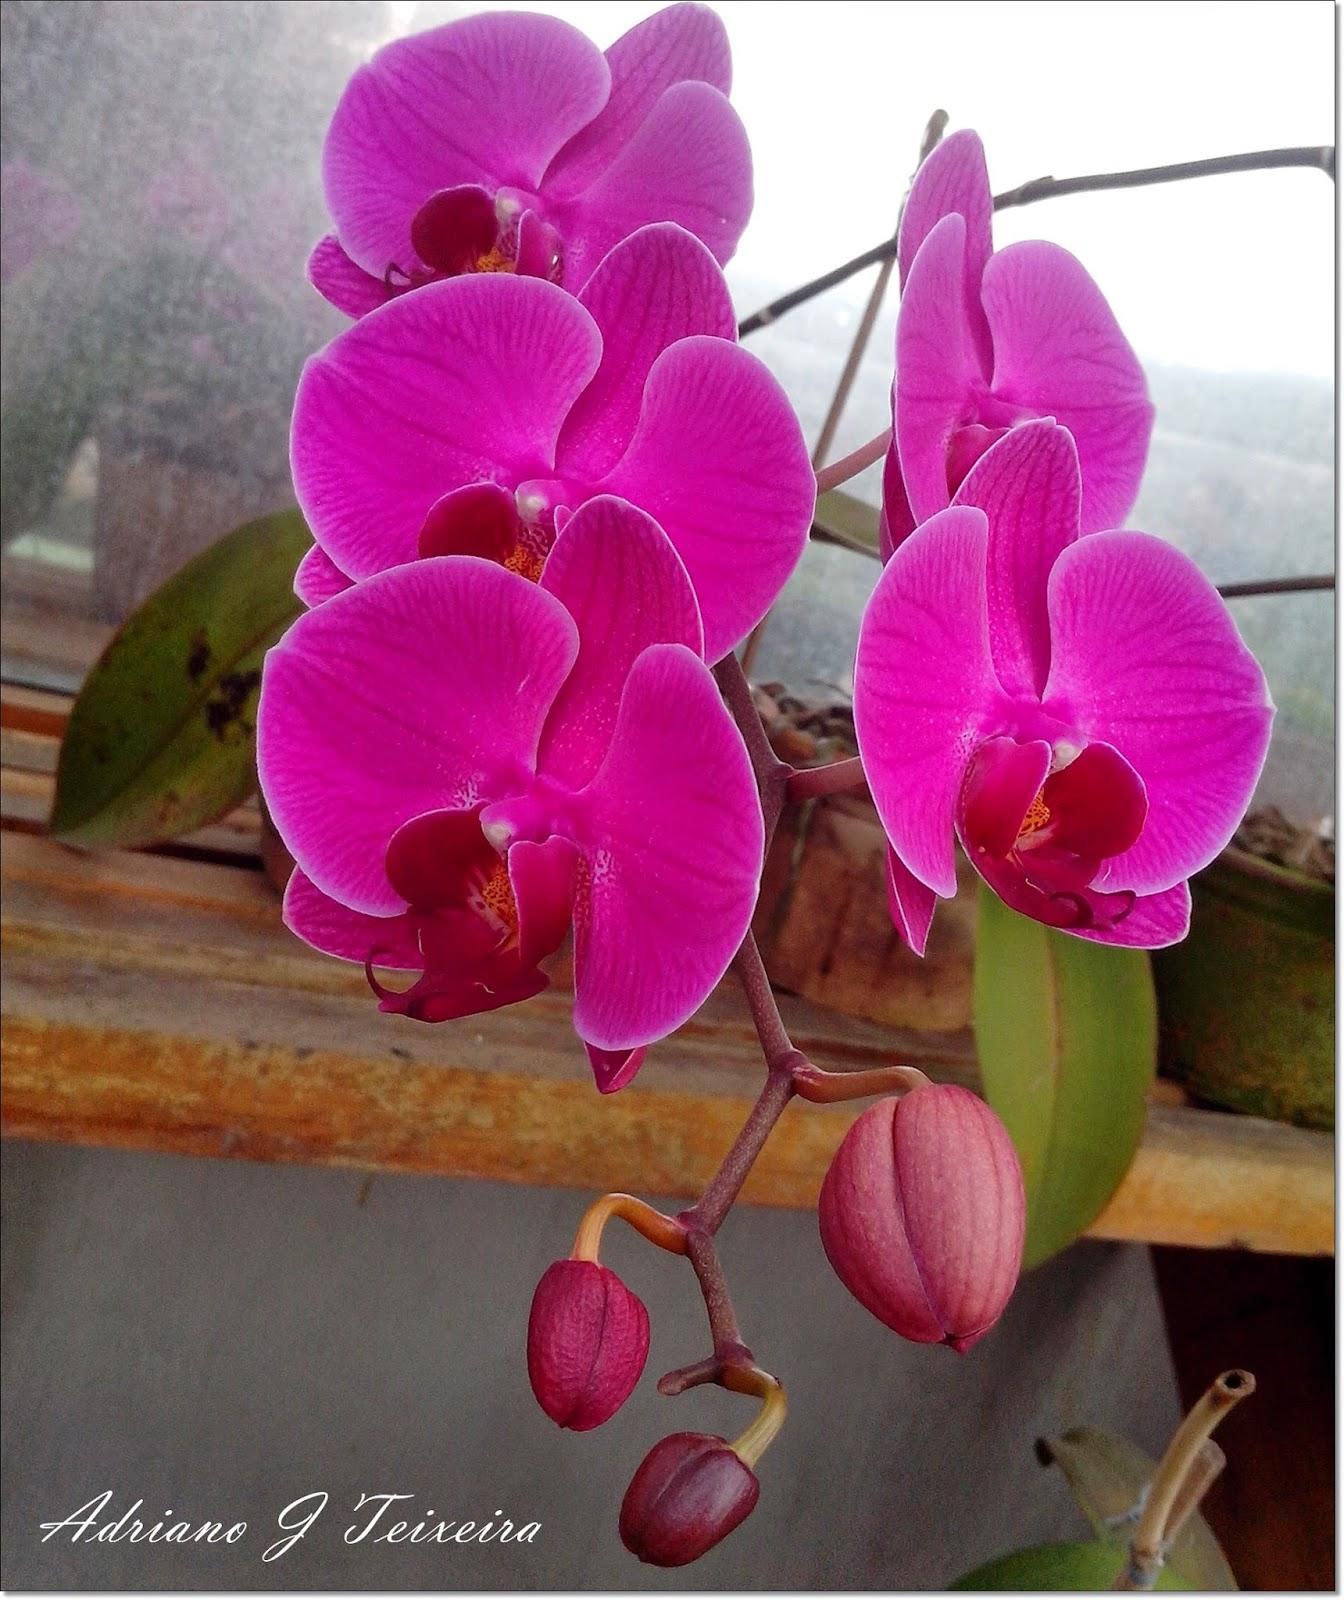 Imagens De Flores Lindas Orquideas - 12 Maravilhosas Fotografias de Orquídeas e Pensamentos